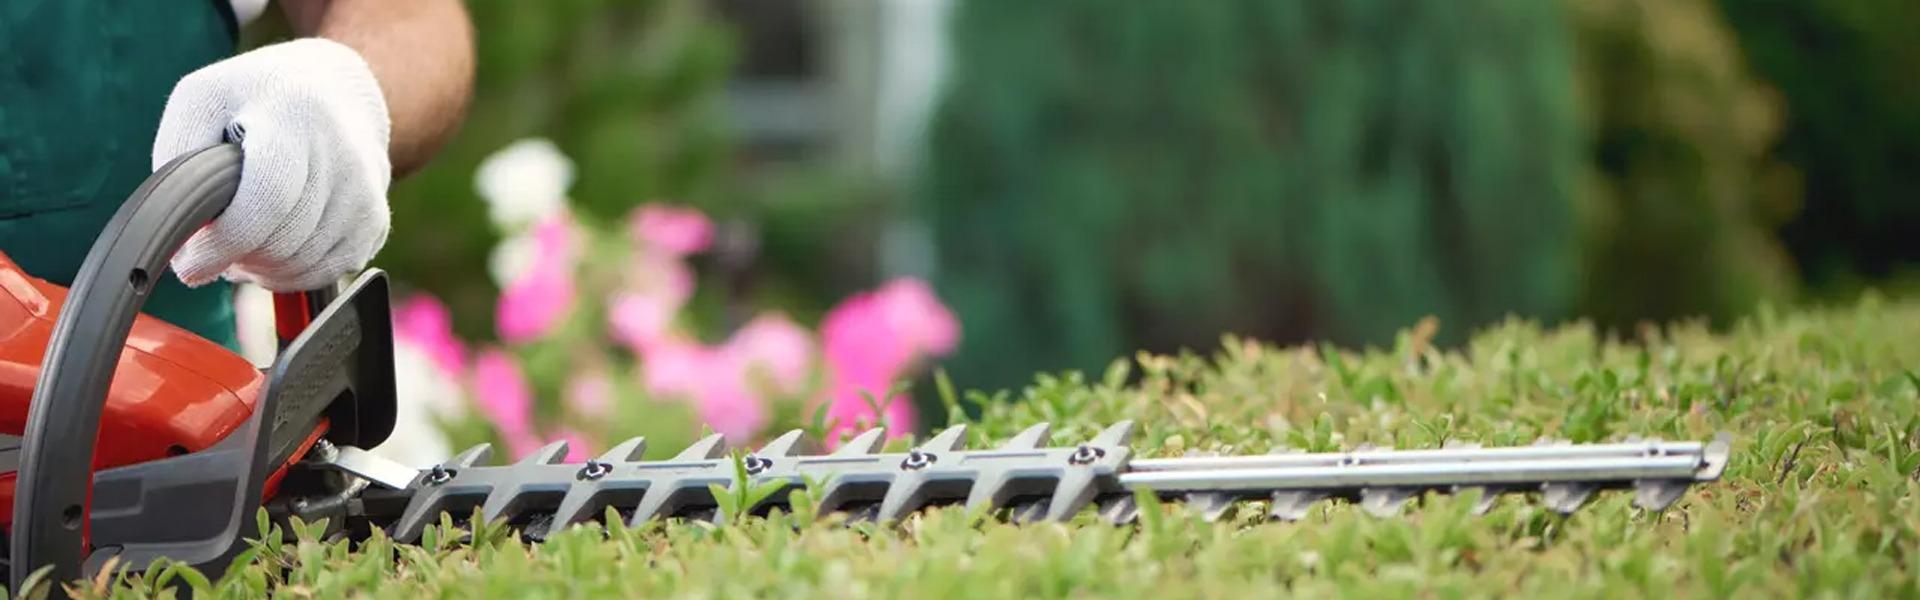 Les Outils Indispensables Pour Entretenir Son Espace Vert Facilement